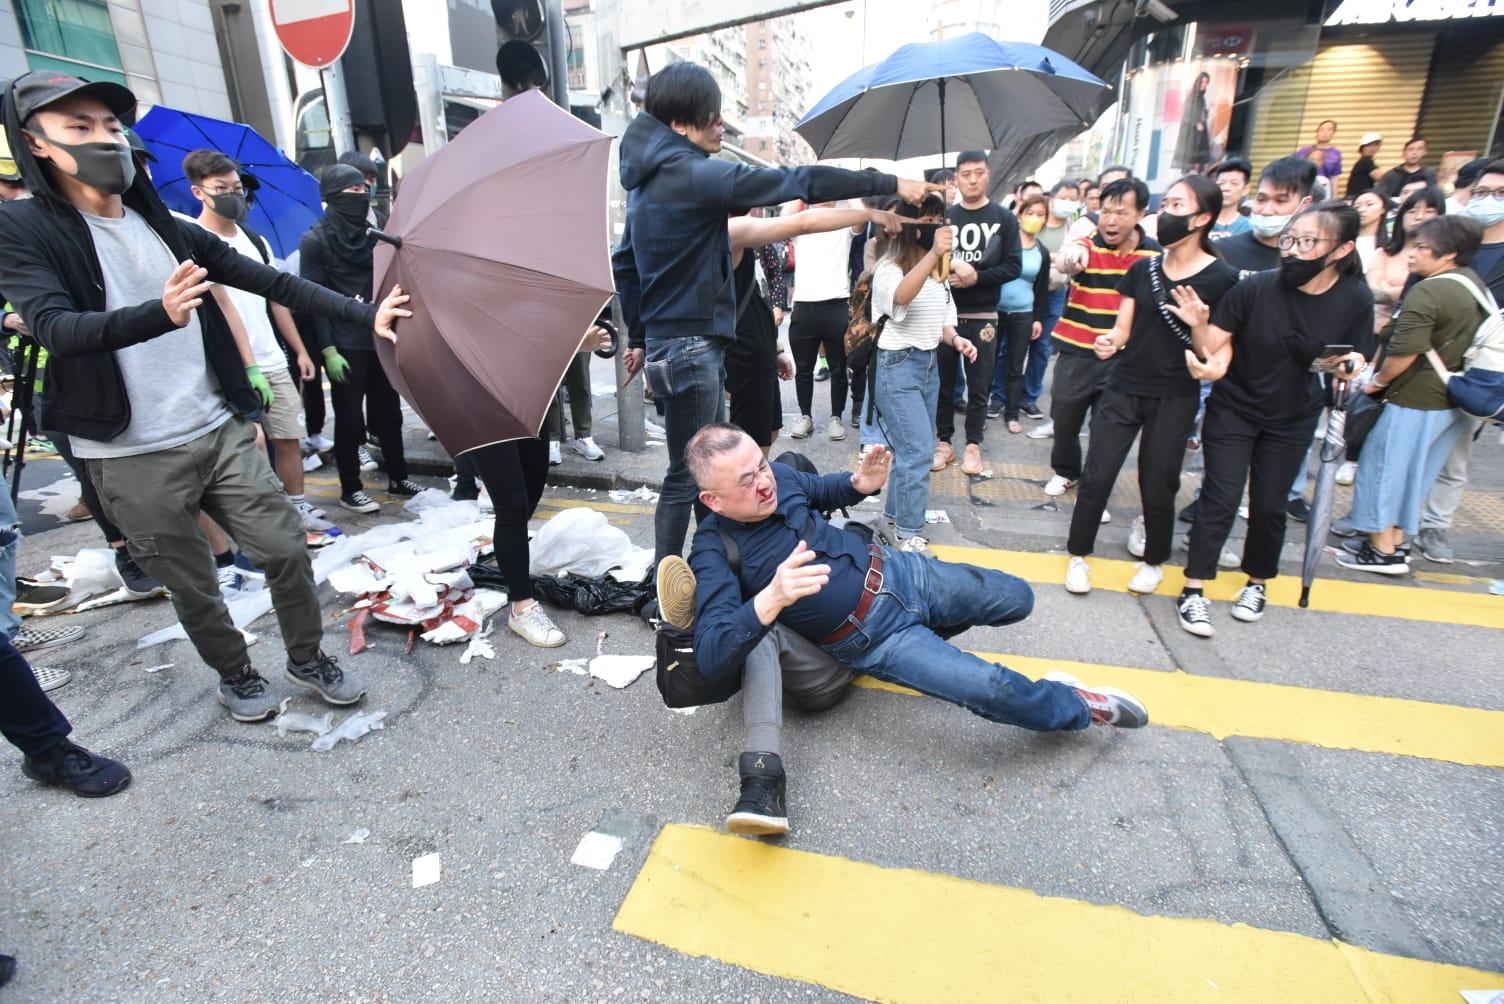 日外务大臣确认:50多岁日籍男子旺角遇袭受伤